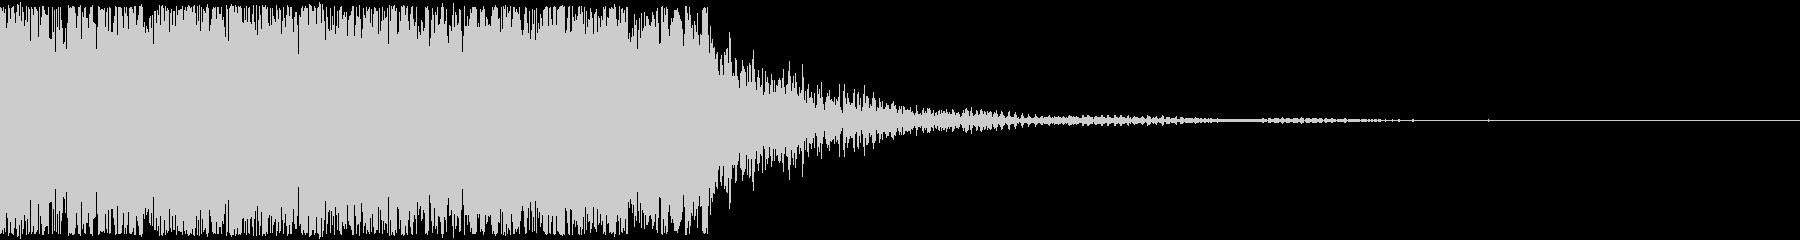 シネマティックなオーケストラ系ジングルの未再生の波形